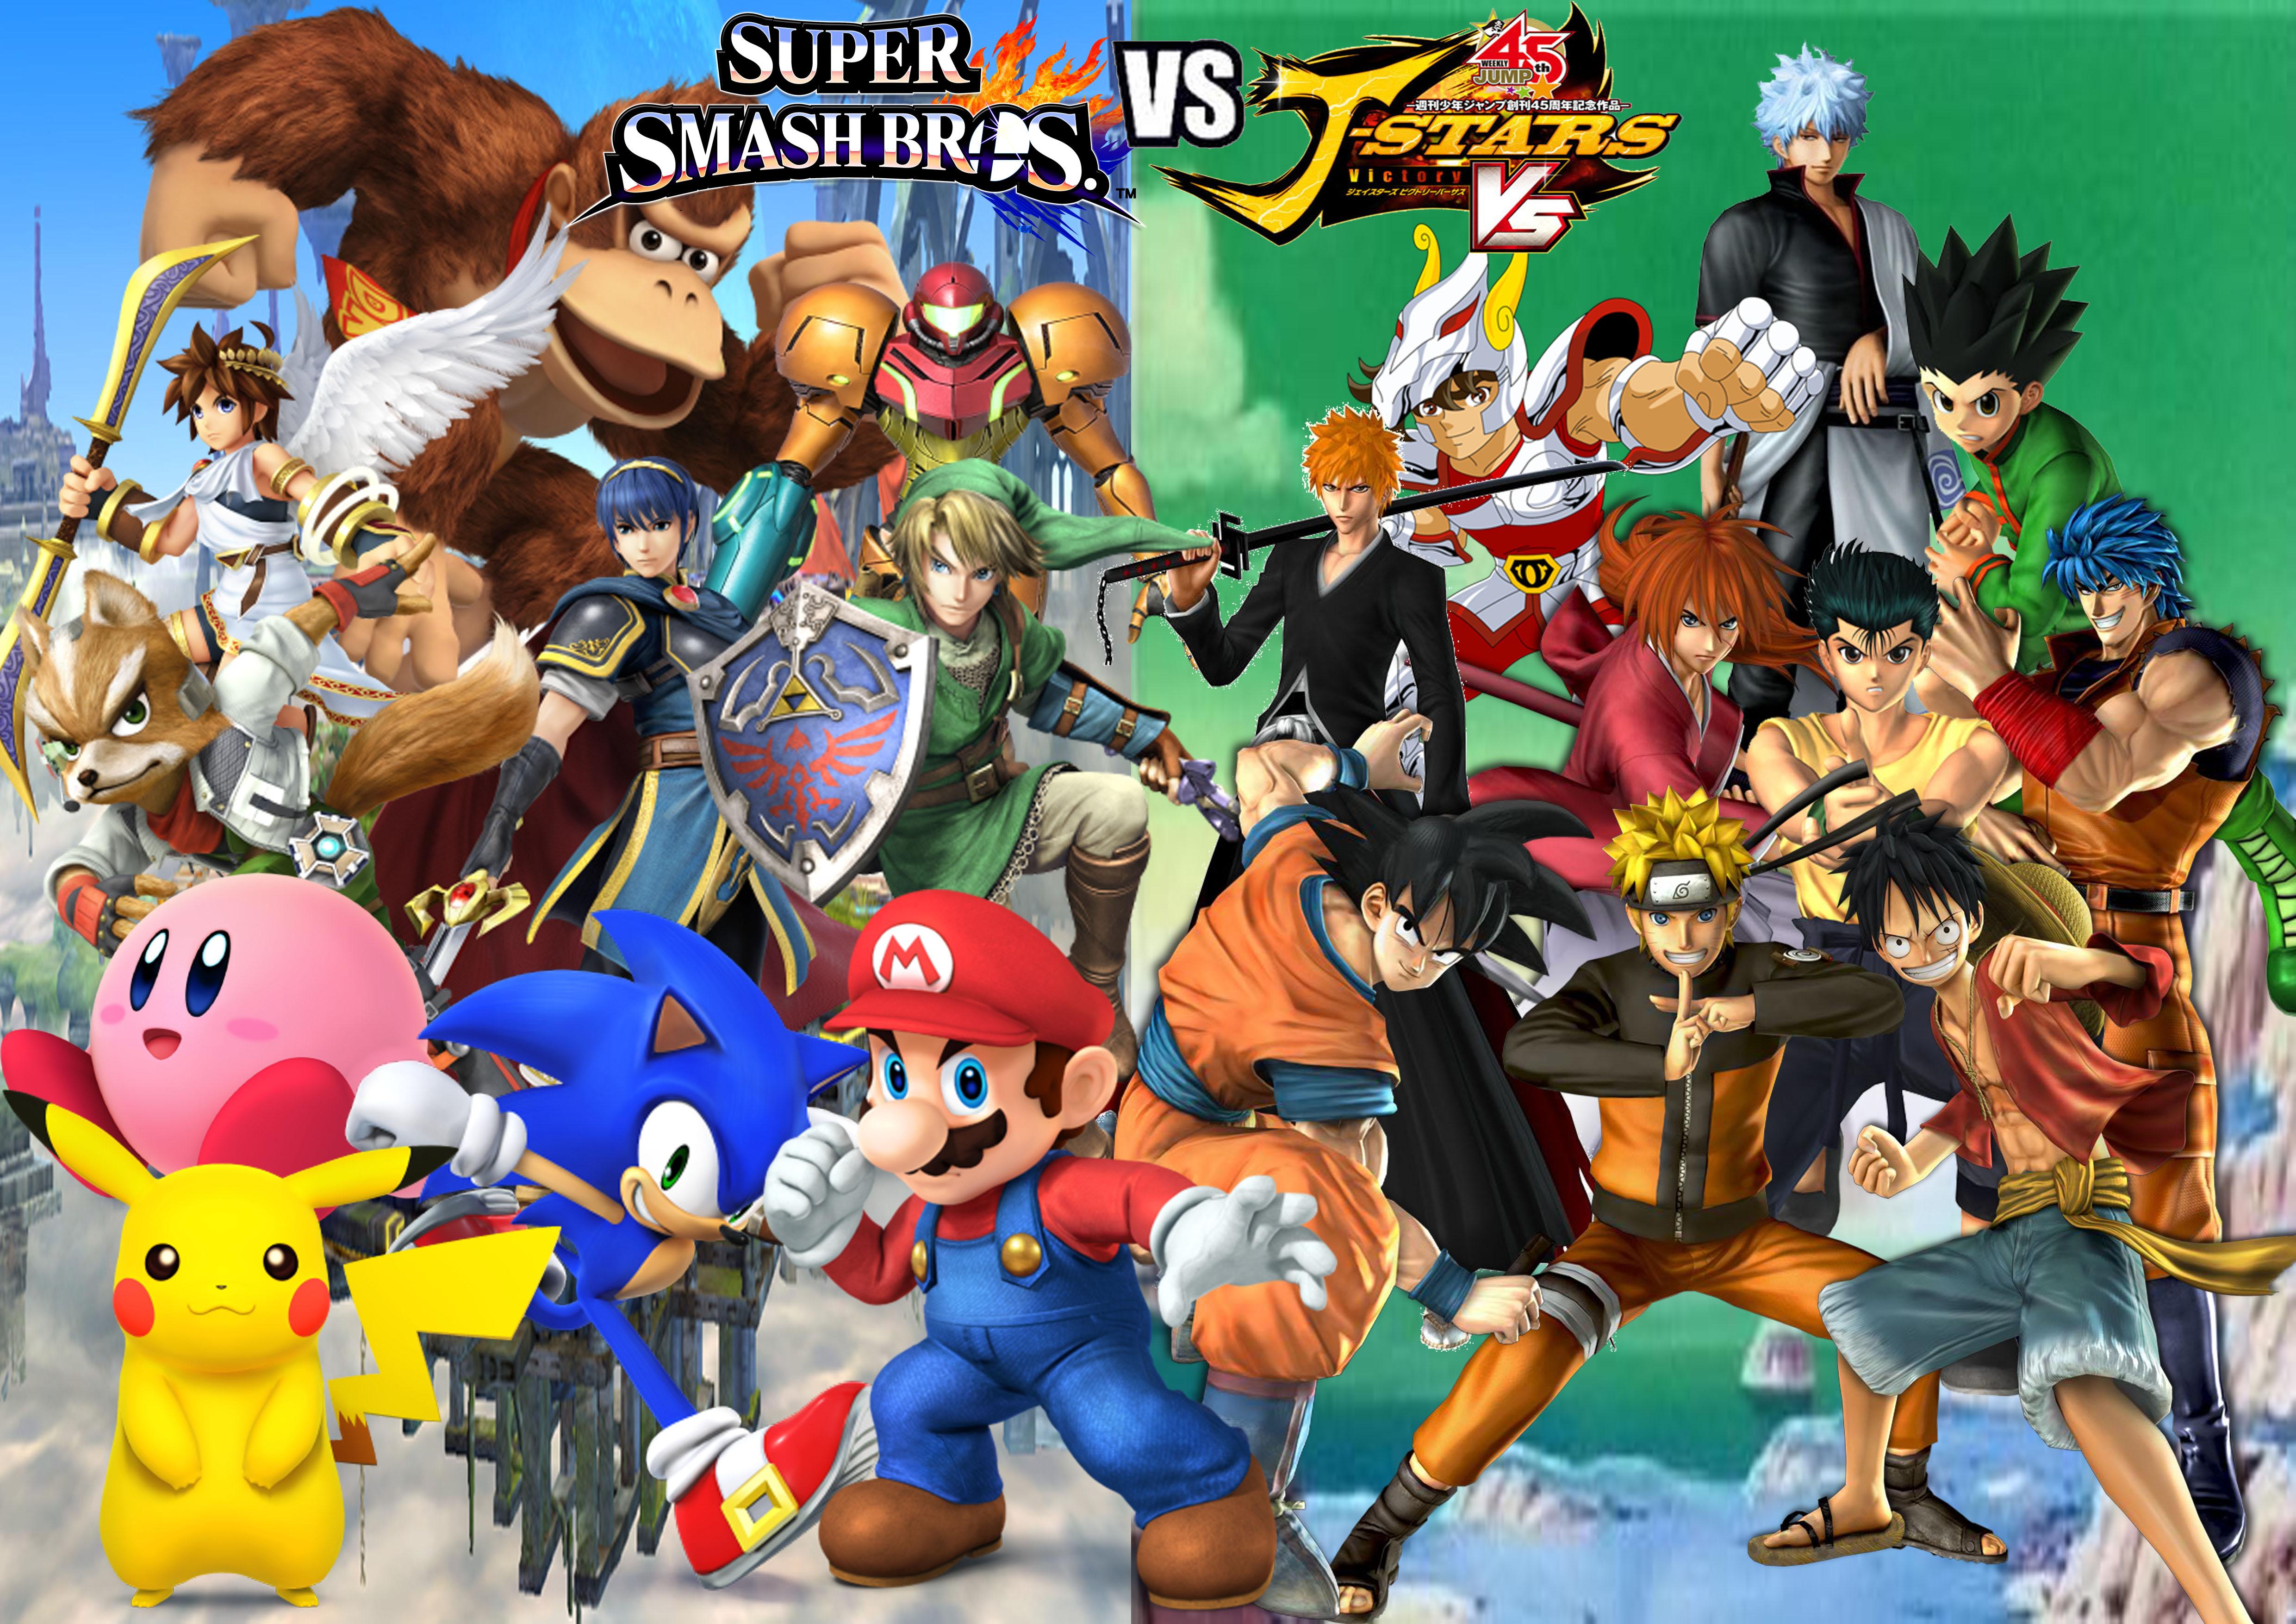 Anime Characters For Smash : Super smash bros vs j stars victory by supersaiyancrash